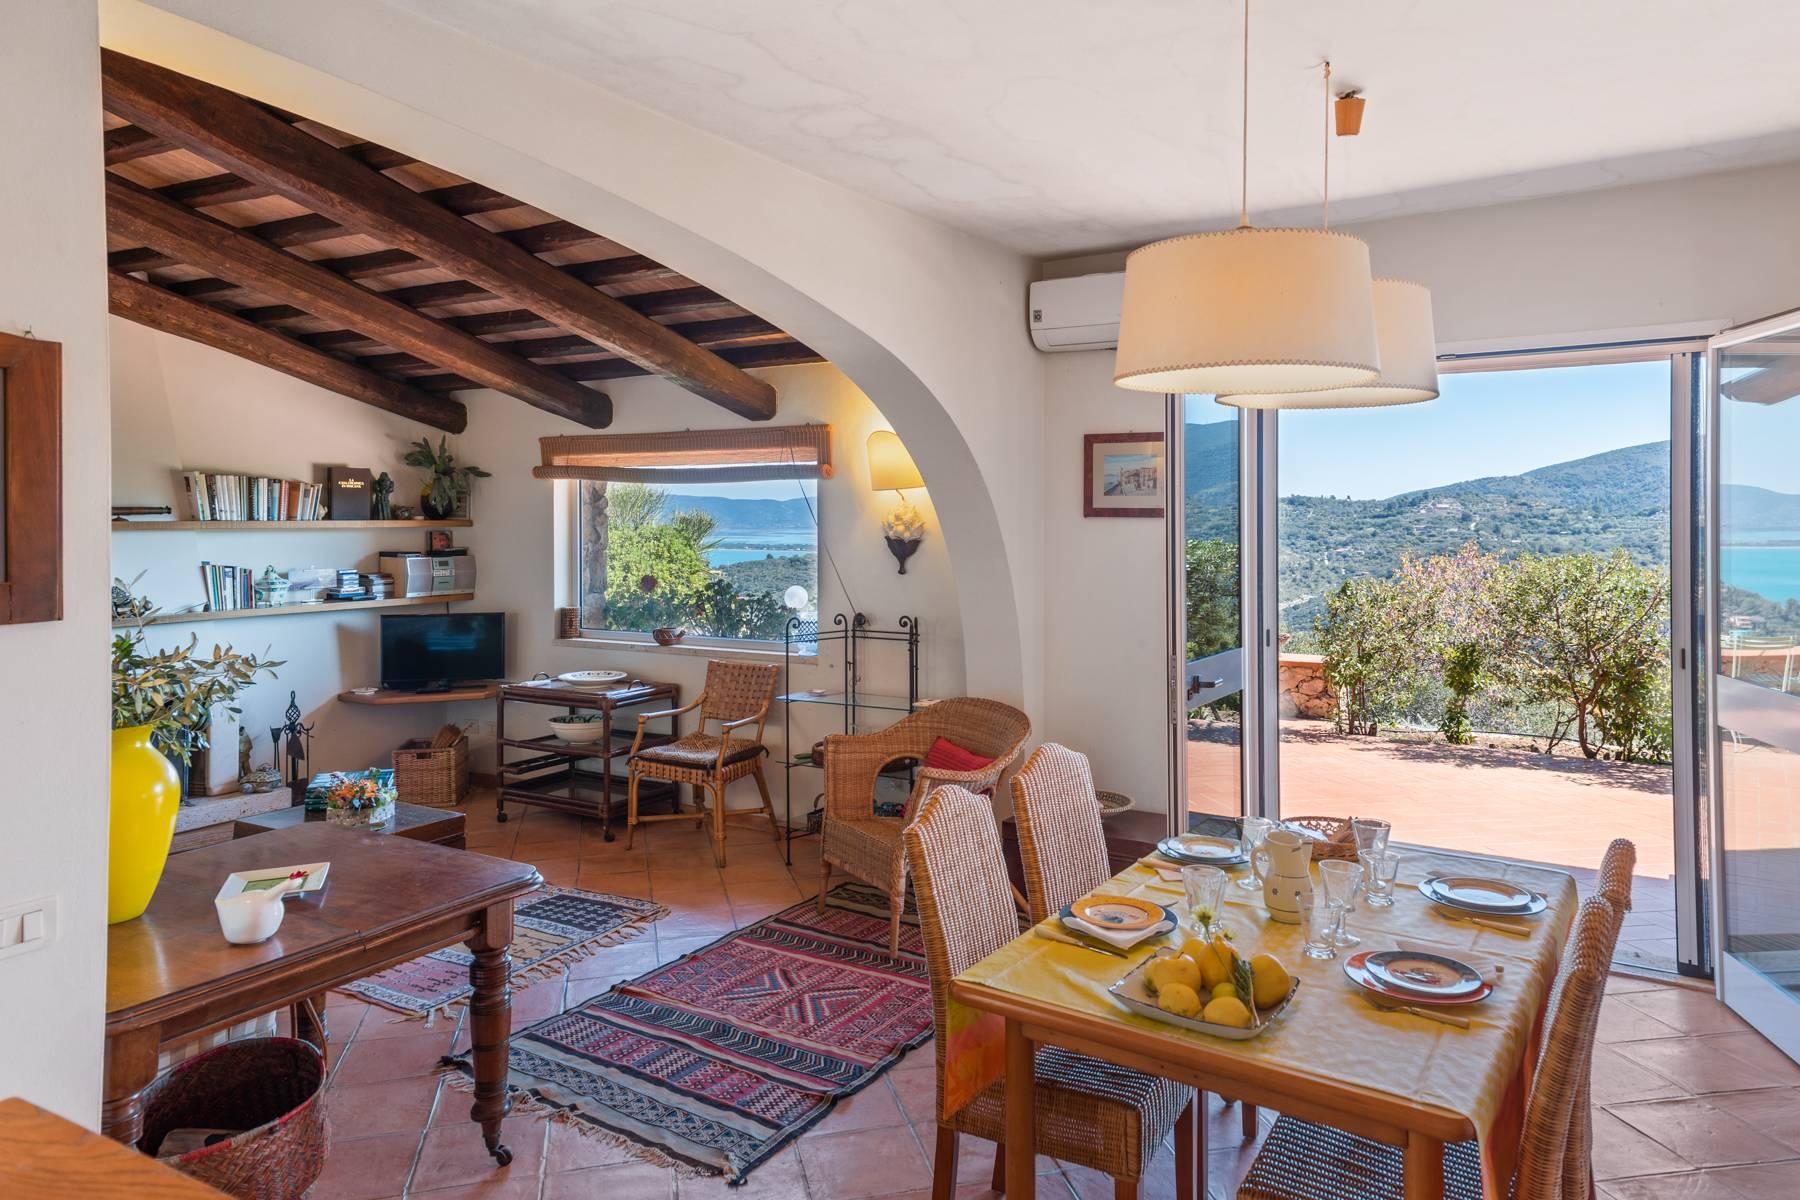 Villa in Vendita a Monte Argentario: 5 locali, 124 mq - Foto 7